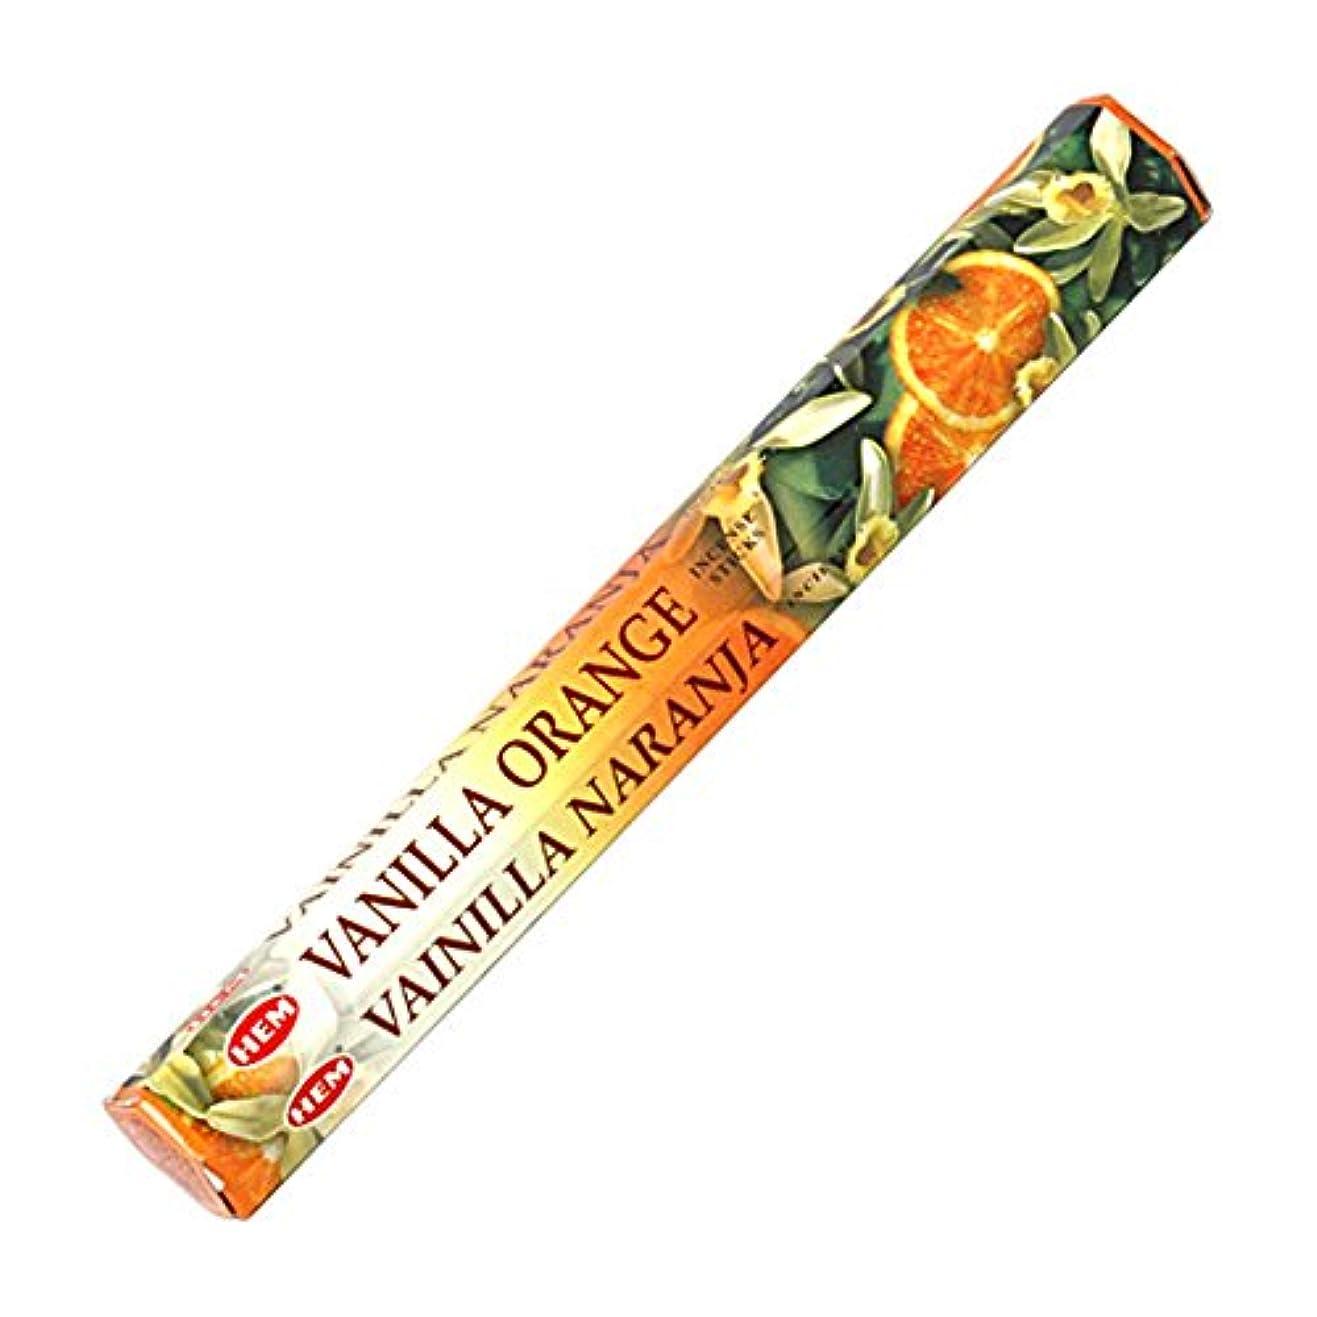 忘れられない廃棄する医学HEM(ヘム) バニラオレンジ VANILLA ORANGE スティックタイプ お香 1筒 単品 [並行輸入品]